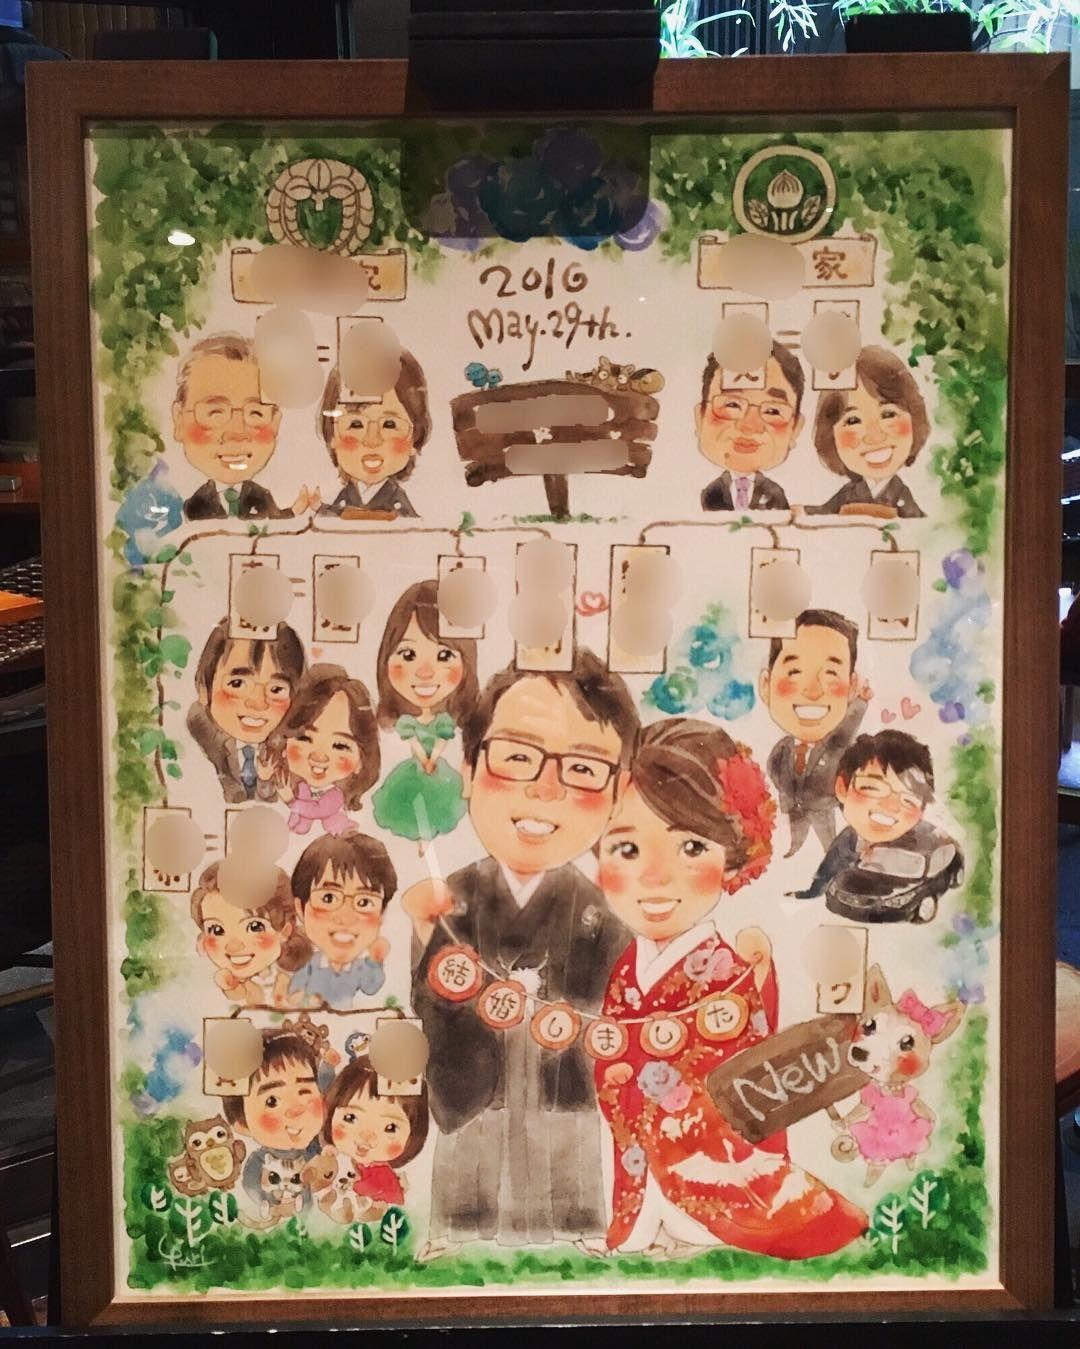 結婚式で 家系図 を紹介する 飾るアイデアまとめ Marry マリー